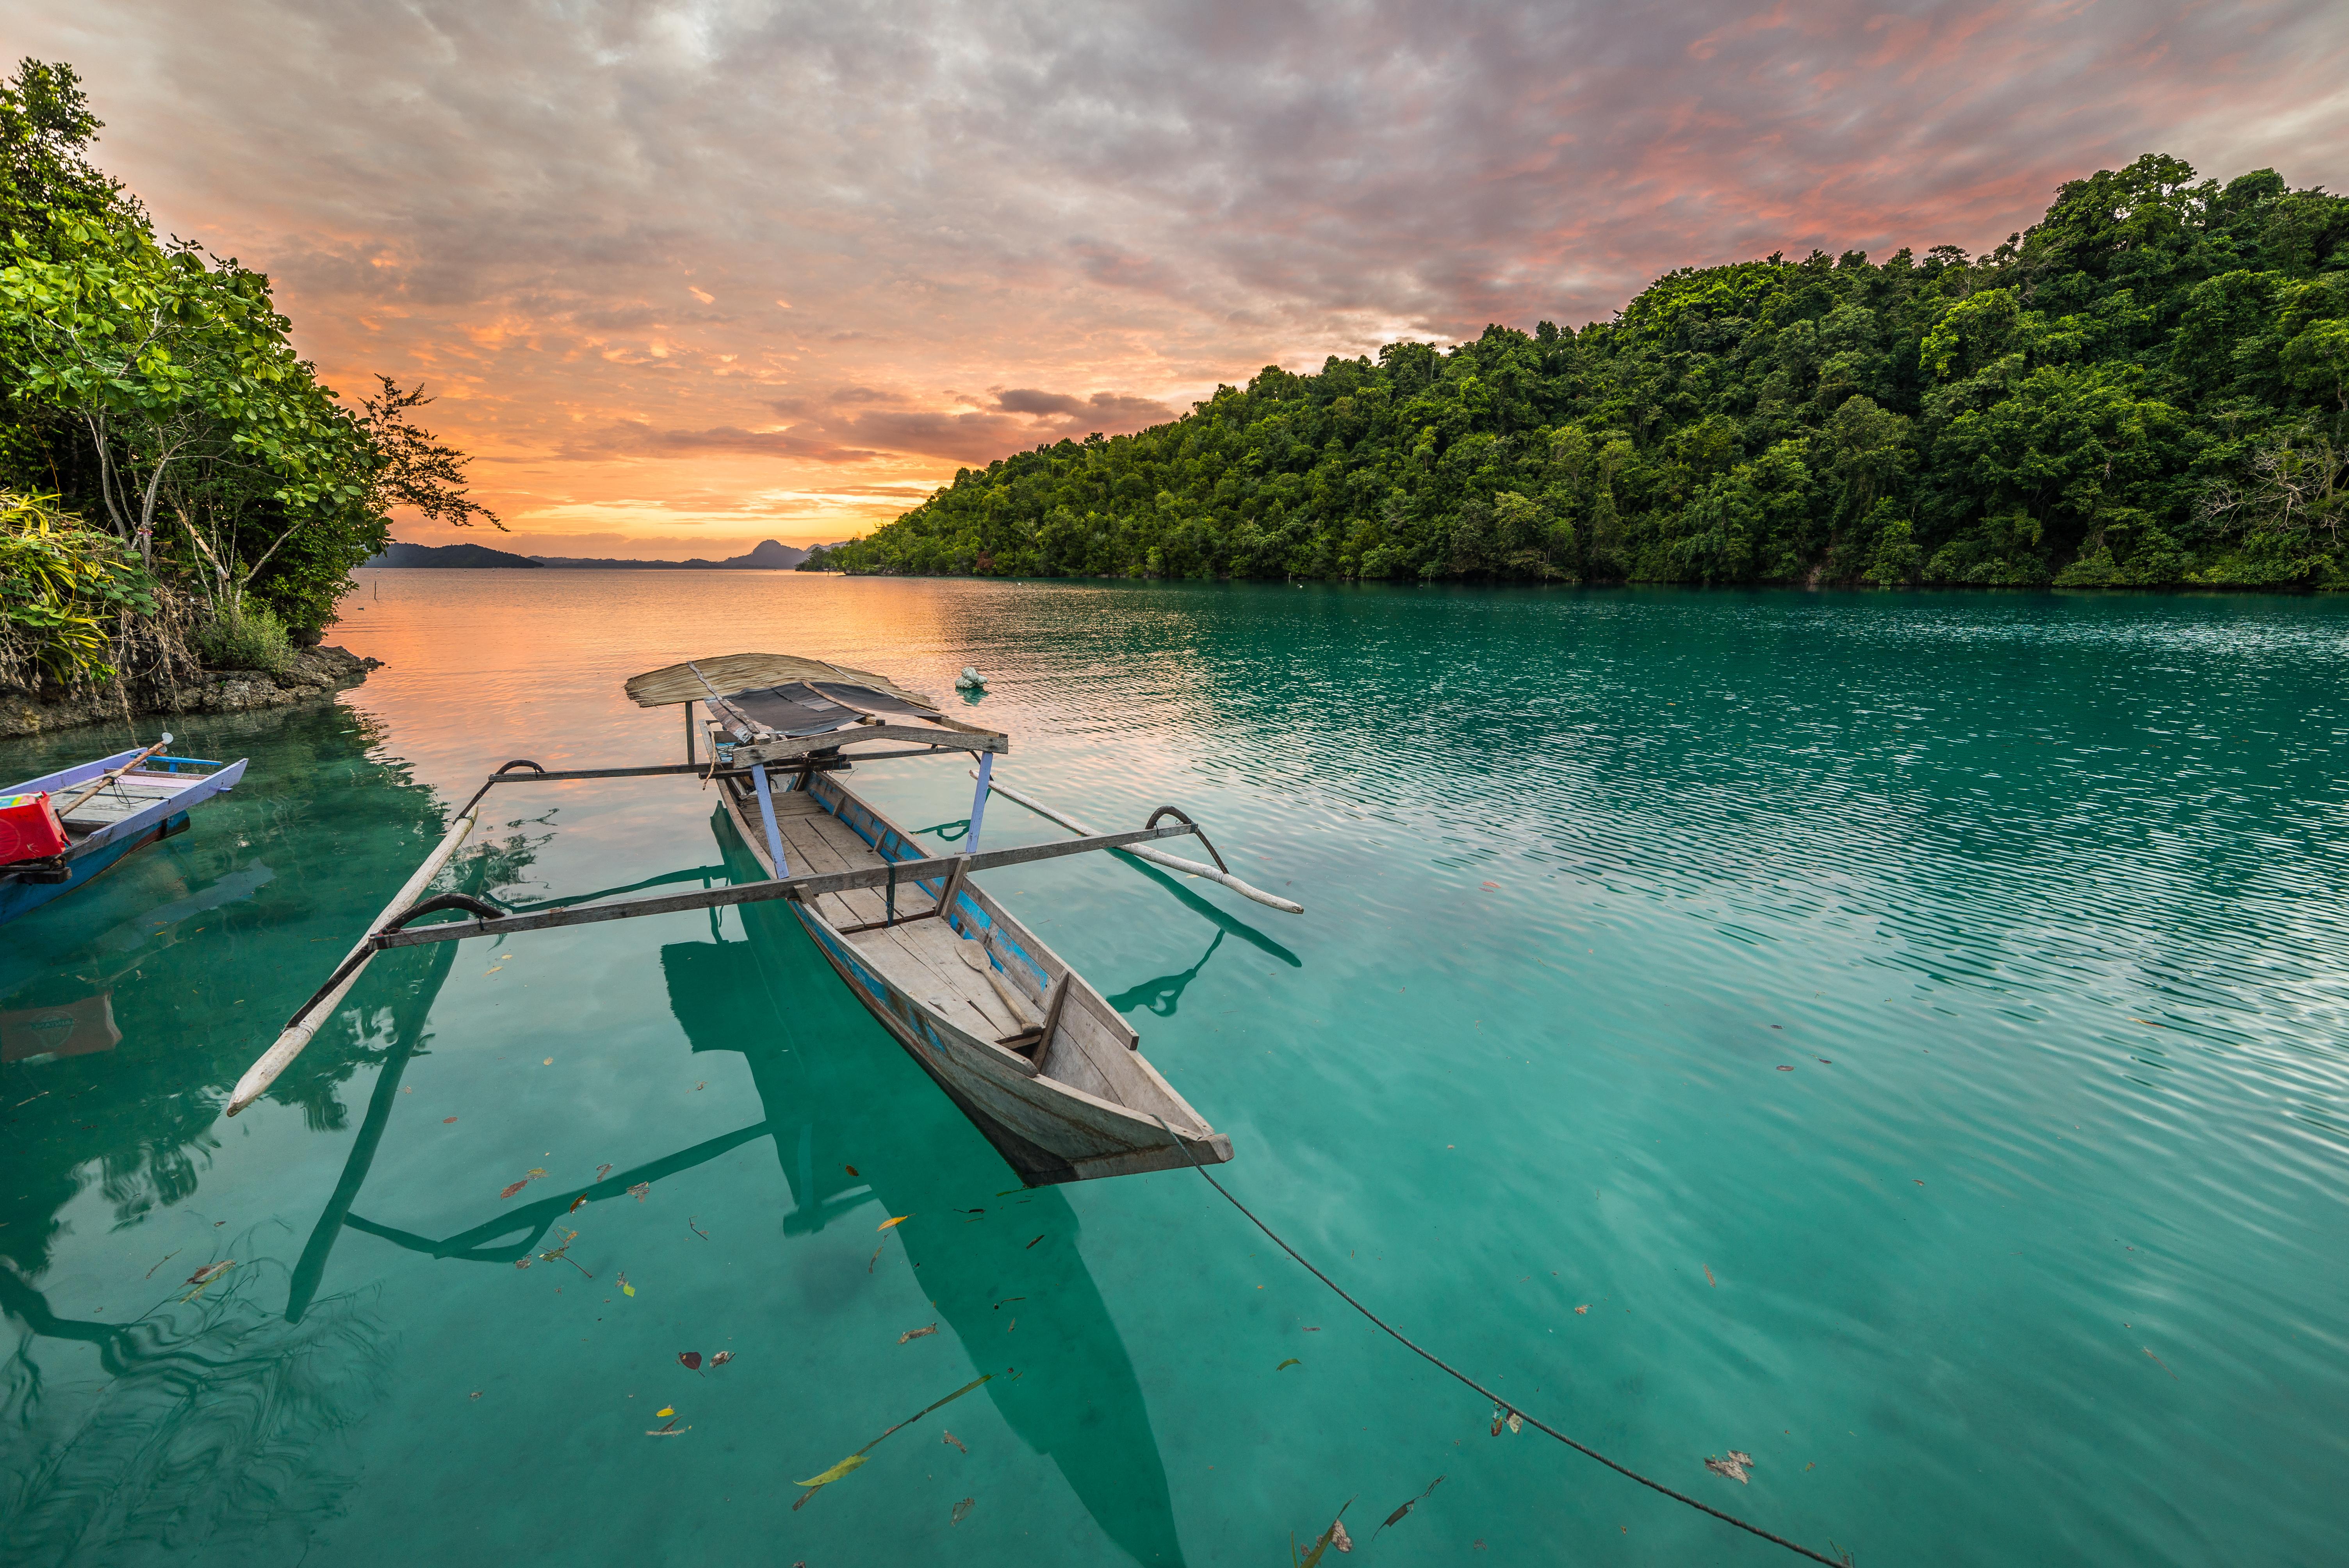 bali ile bateau coucher de soleil